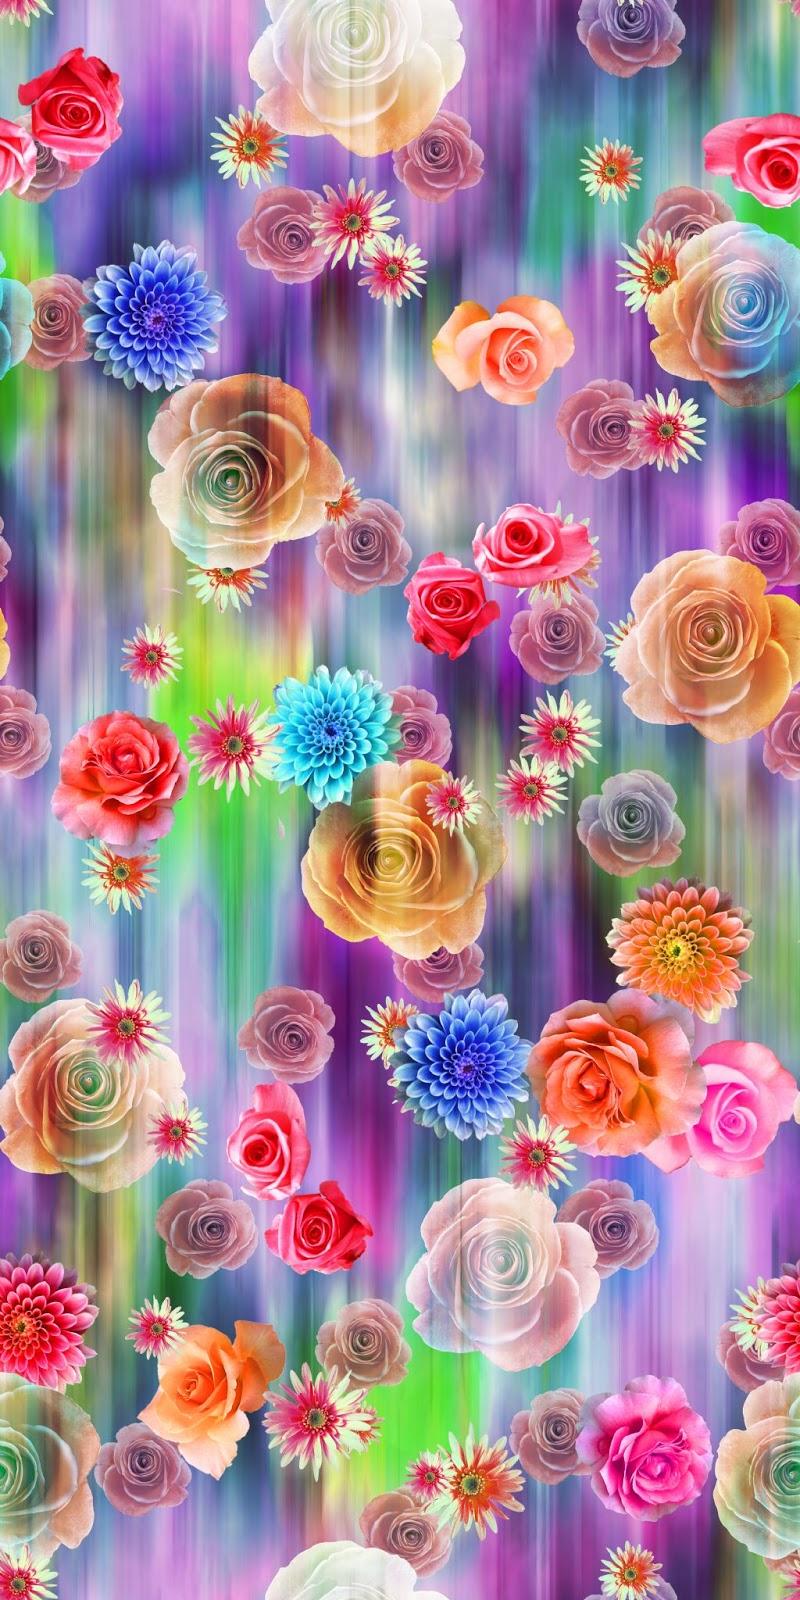 Natural Collage Flower Design Digital Print 1 Joy Design